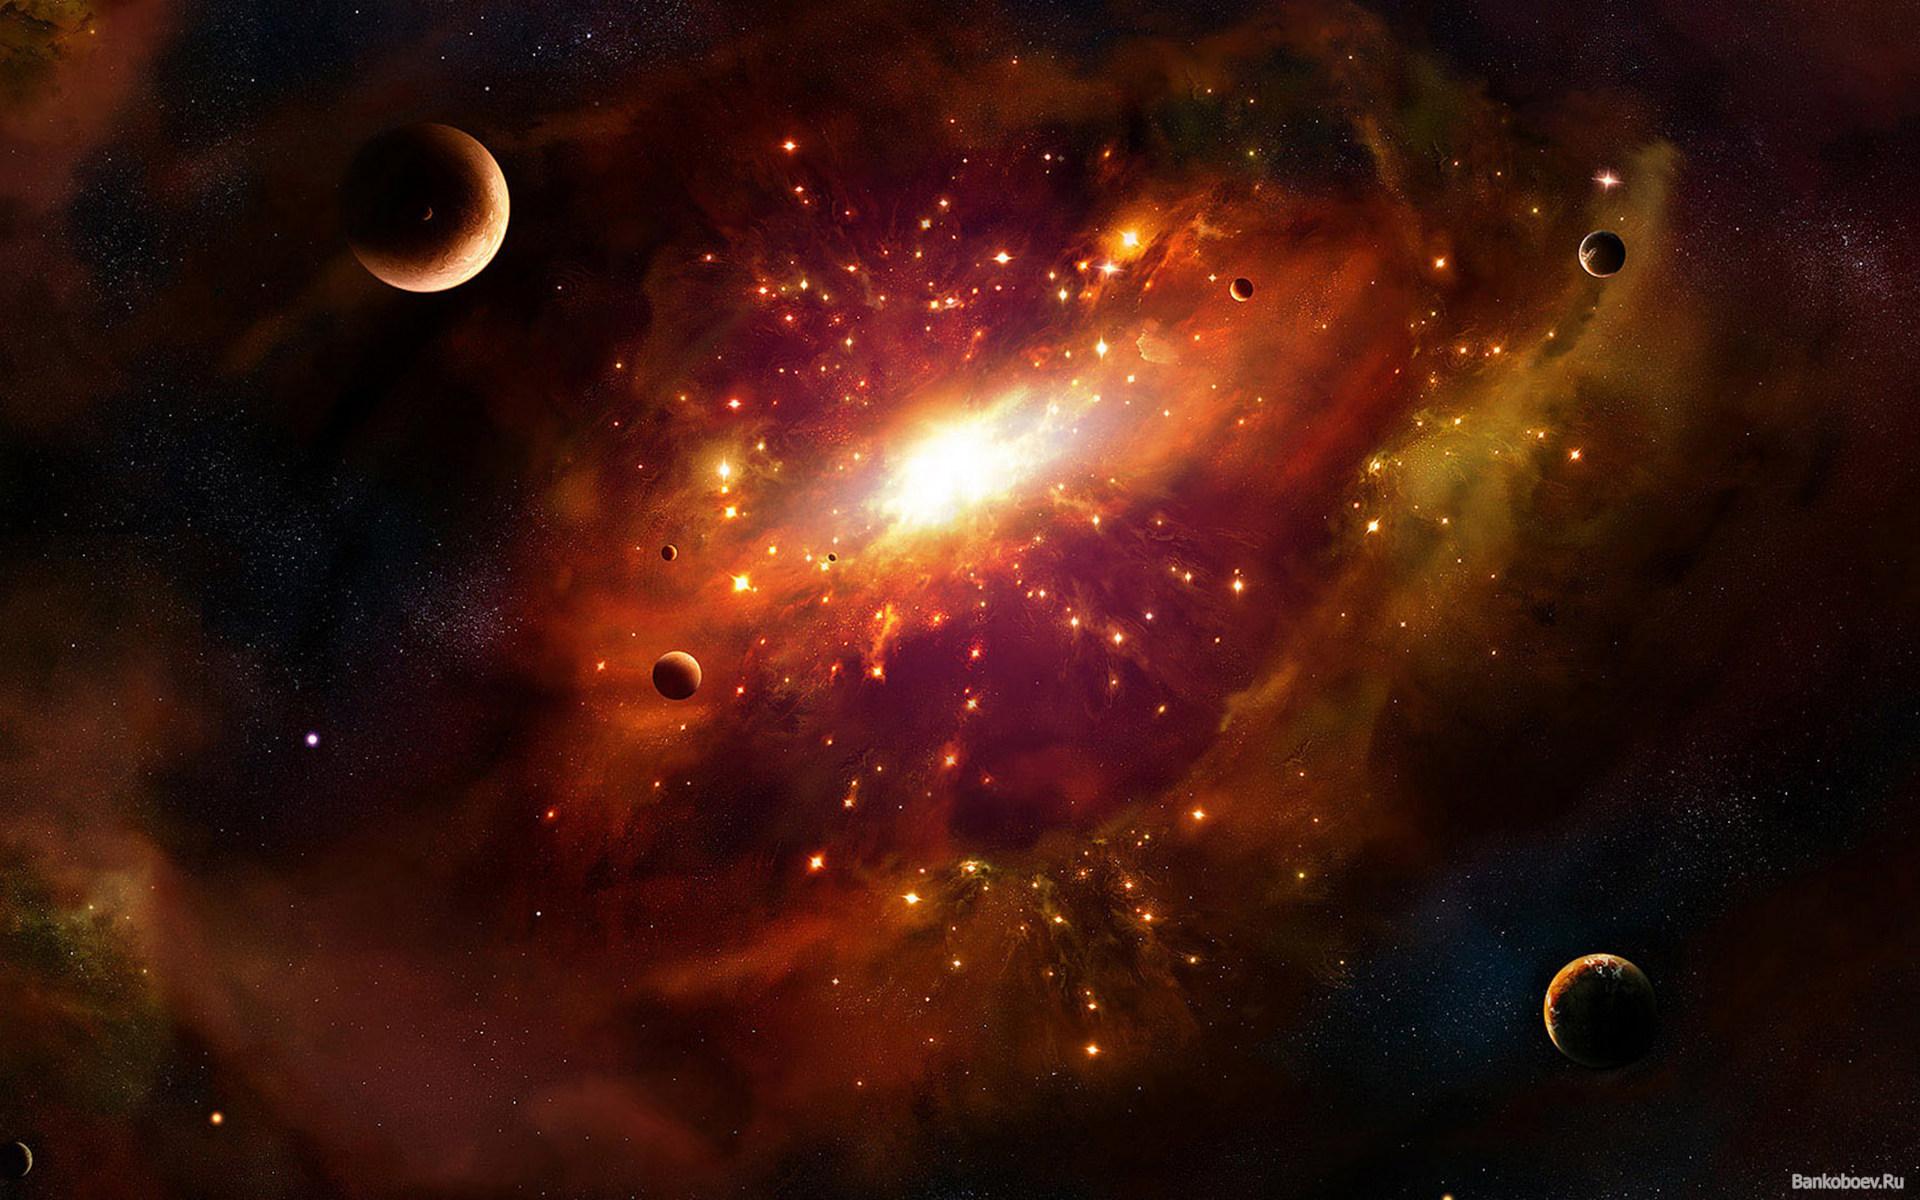 Обои Свечение за планетами картинки на рабочий стол на тему Космос - скачать  № 1772777  скачать